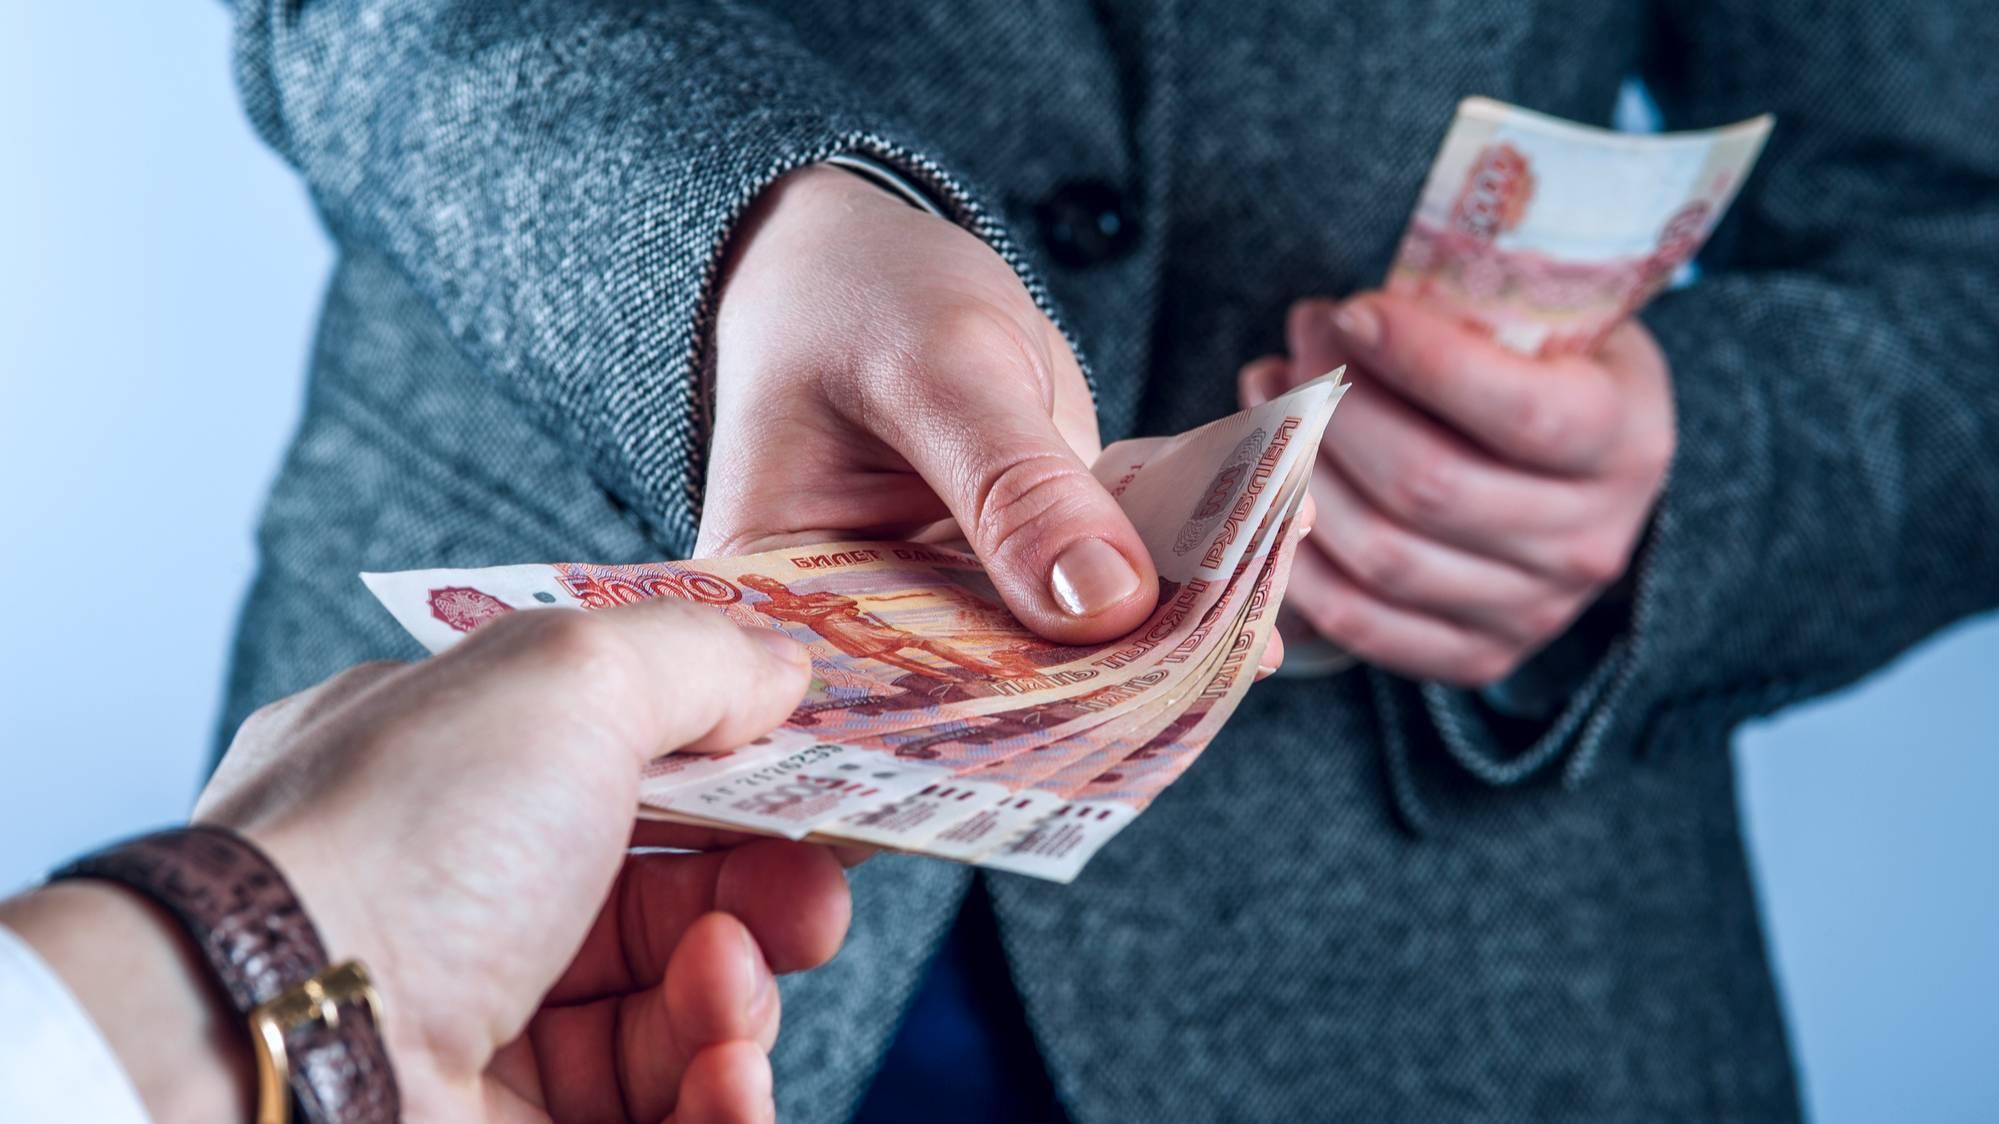 С 1 февраля вырастут зарплаты. Кто станет получать больше и на сколько